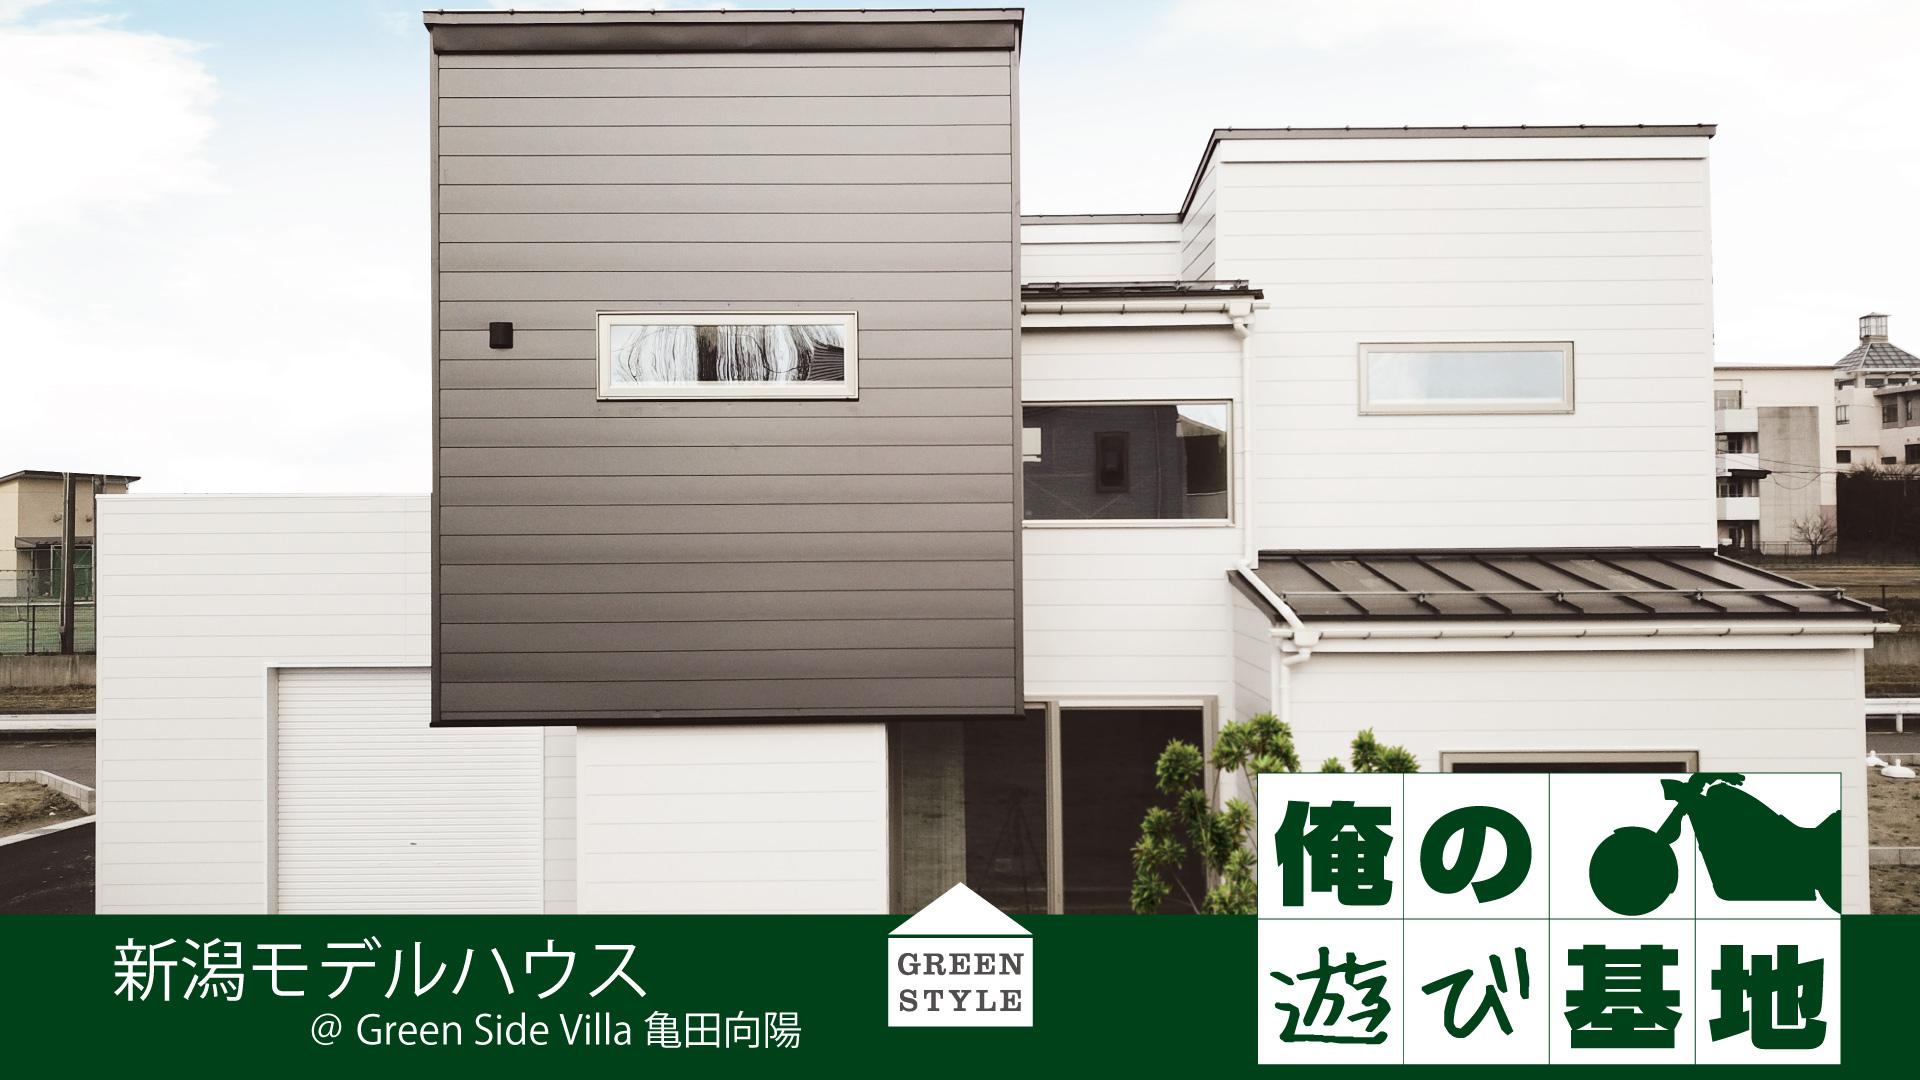 Green Style モデルハウス 新潟 「俺の遊び基地」